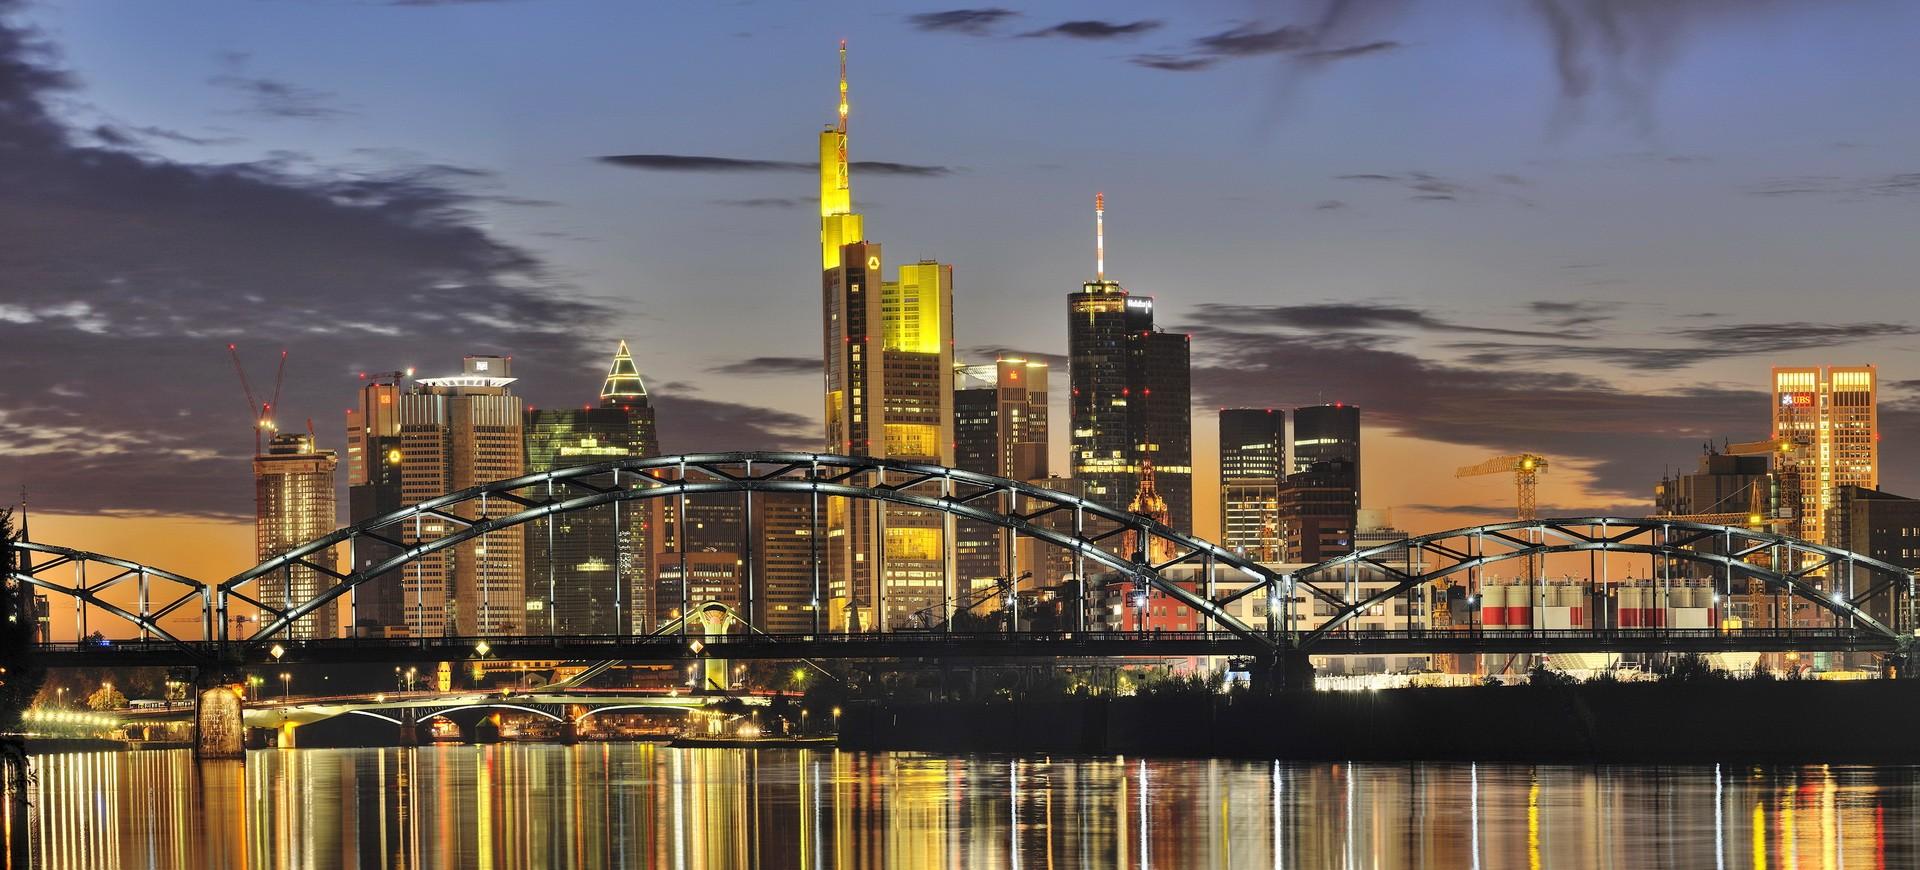 Skyline à Francfort en Allemagne by night